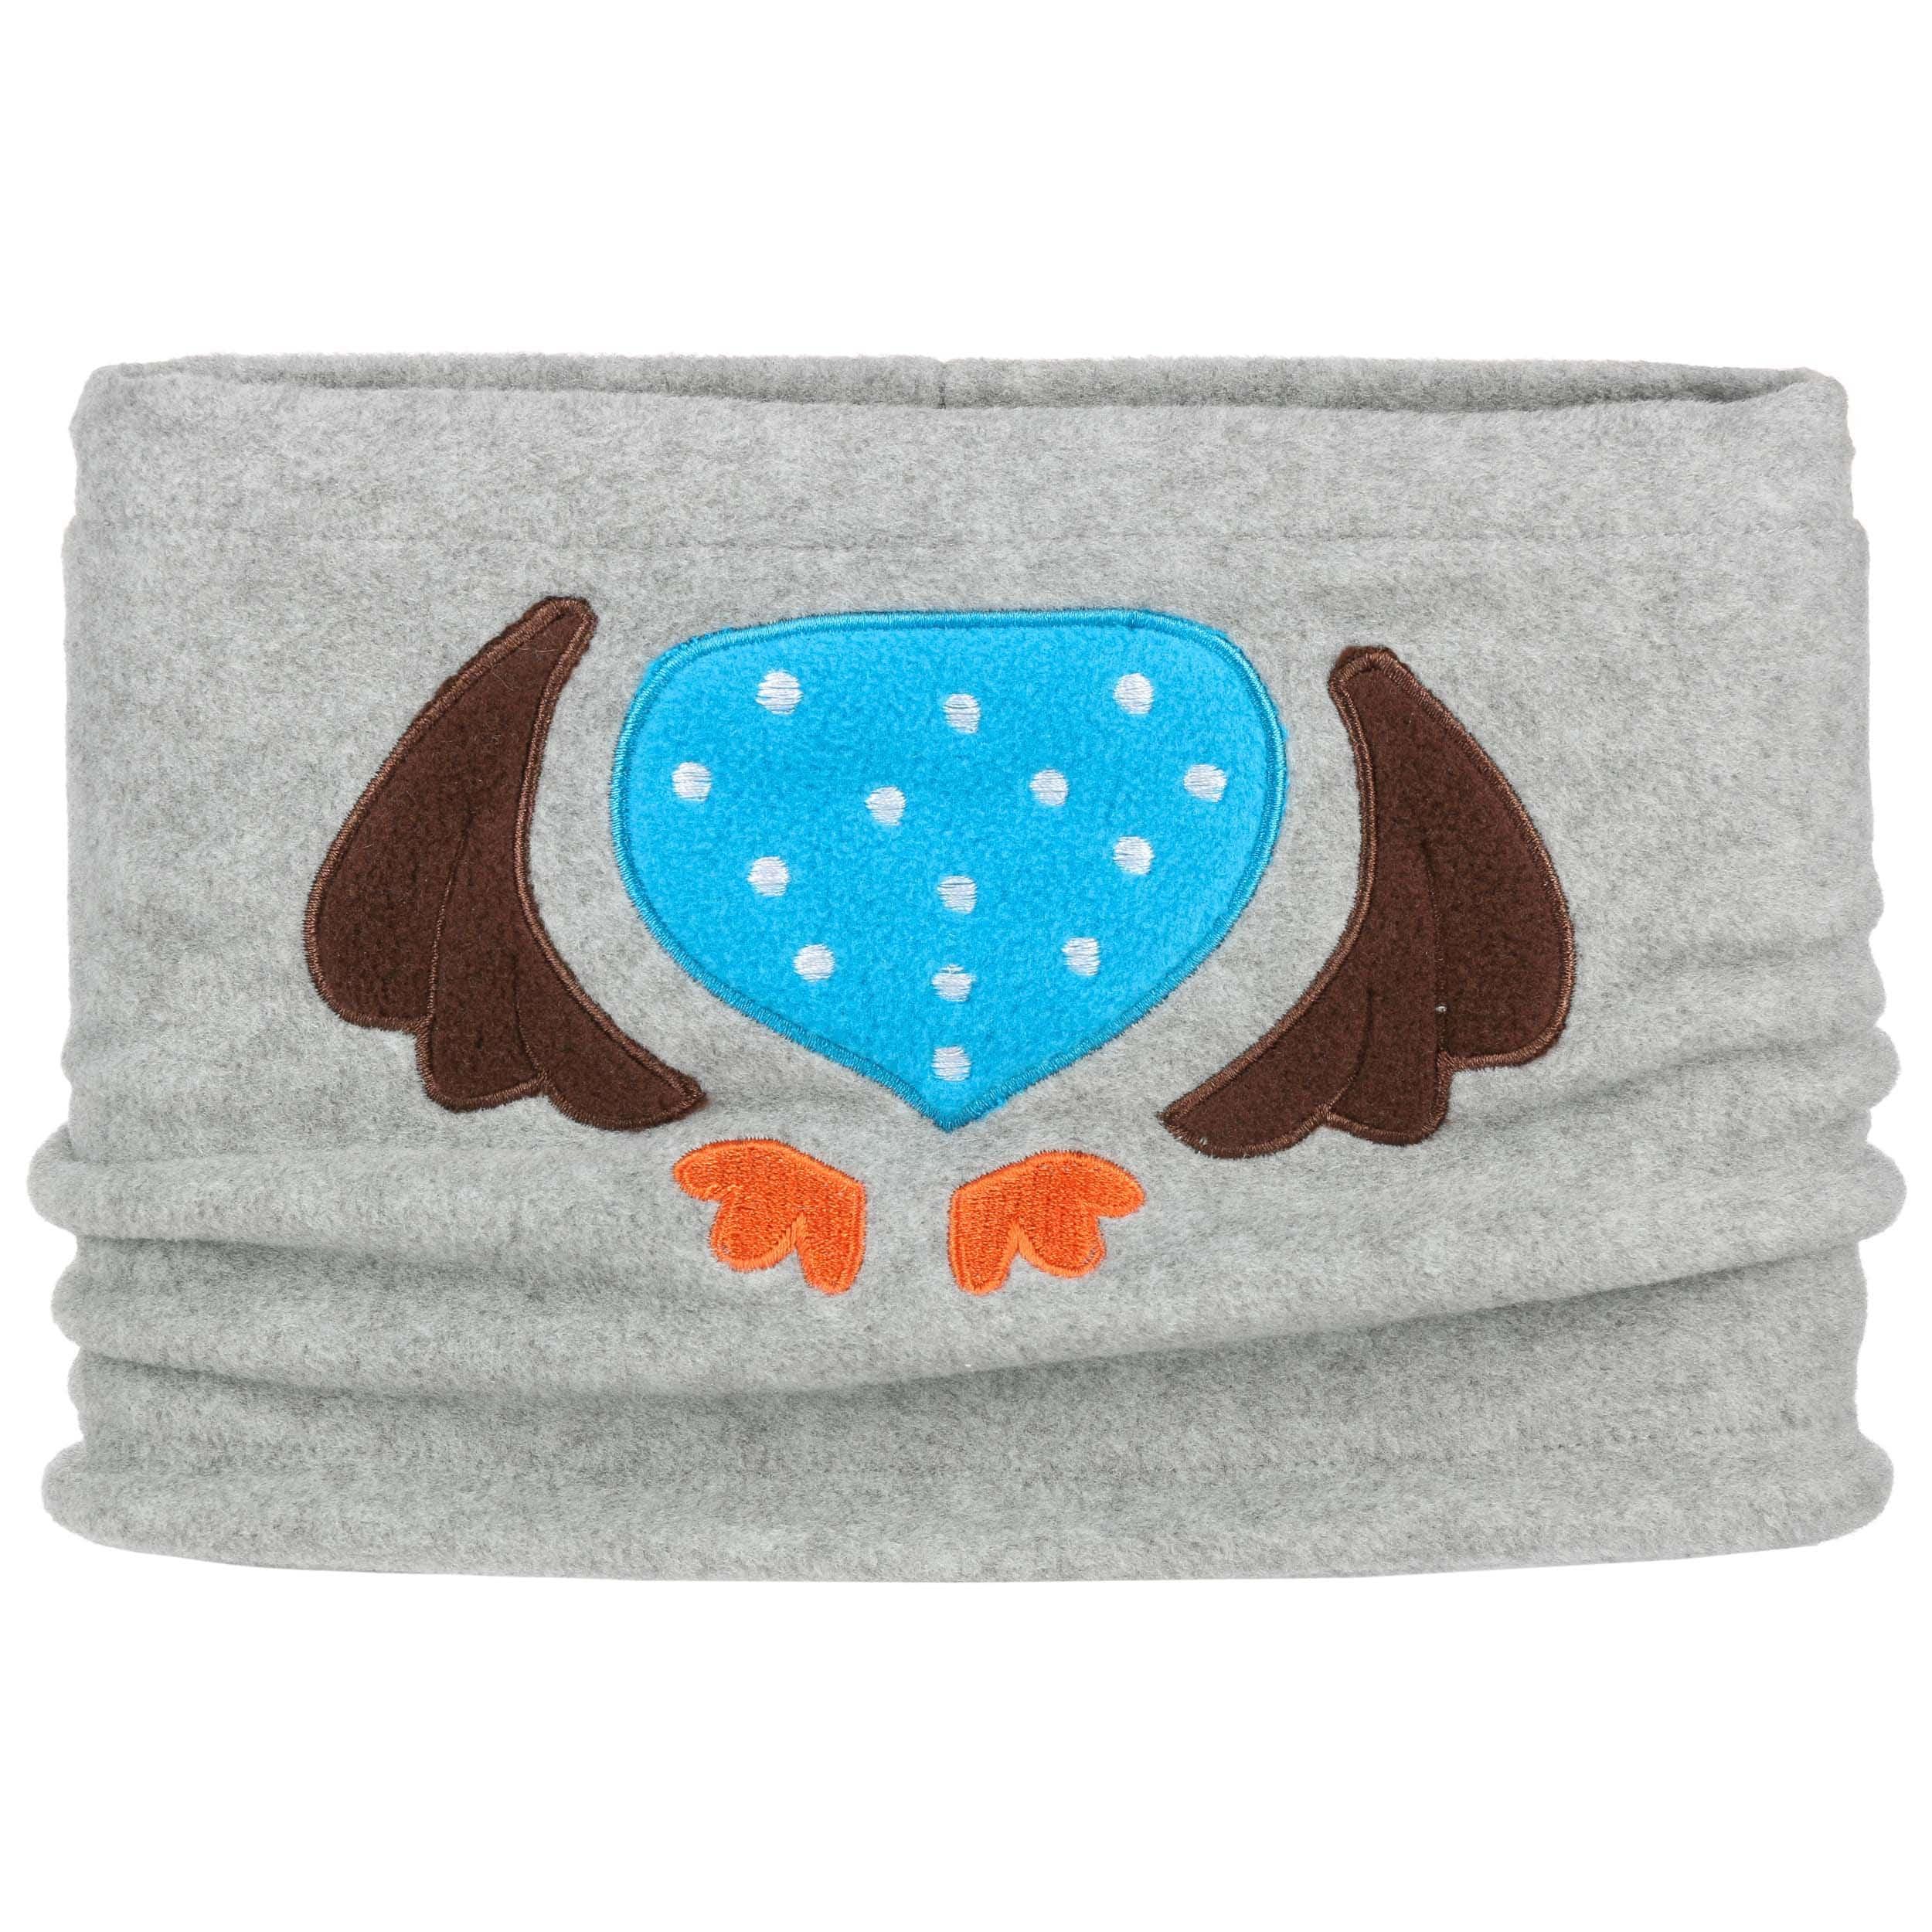 036c4e9da900 ... Bonnet + Écharpe en Polaire pour Enfant Birdy - gris 6 ...